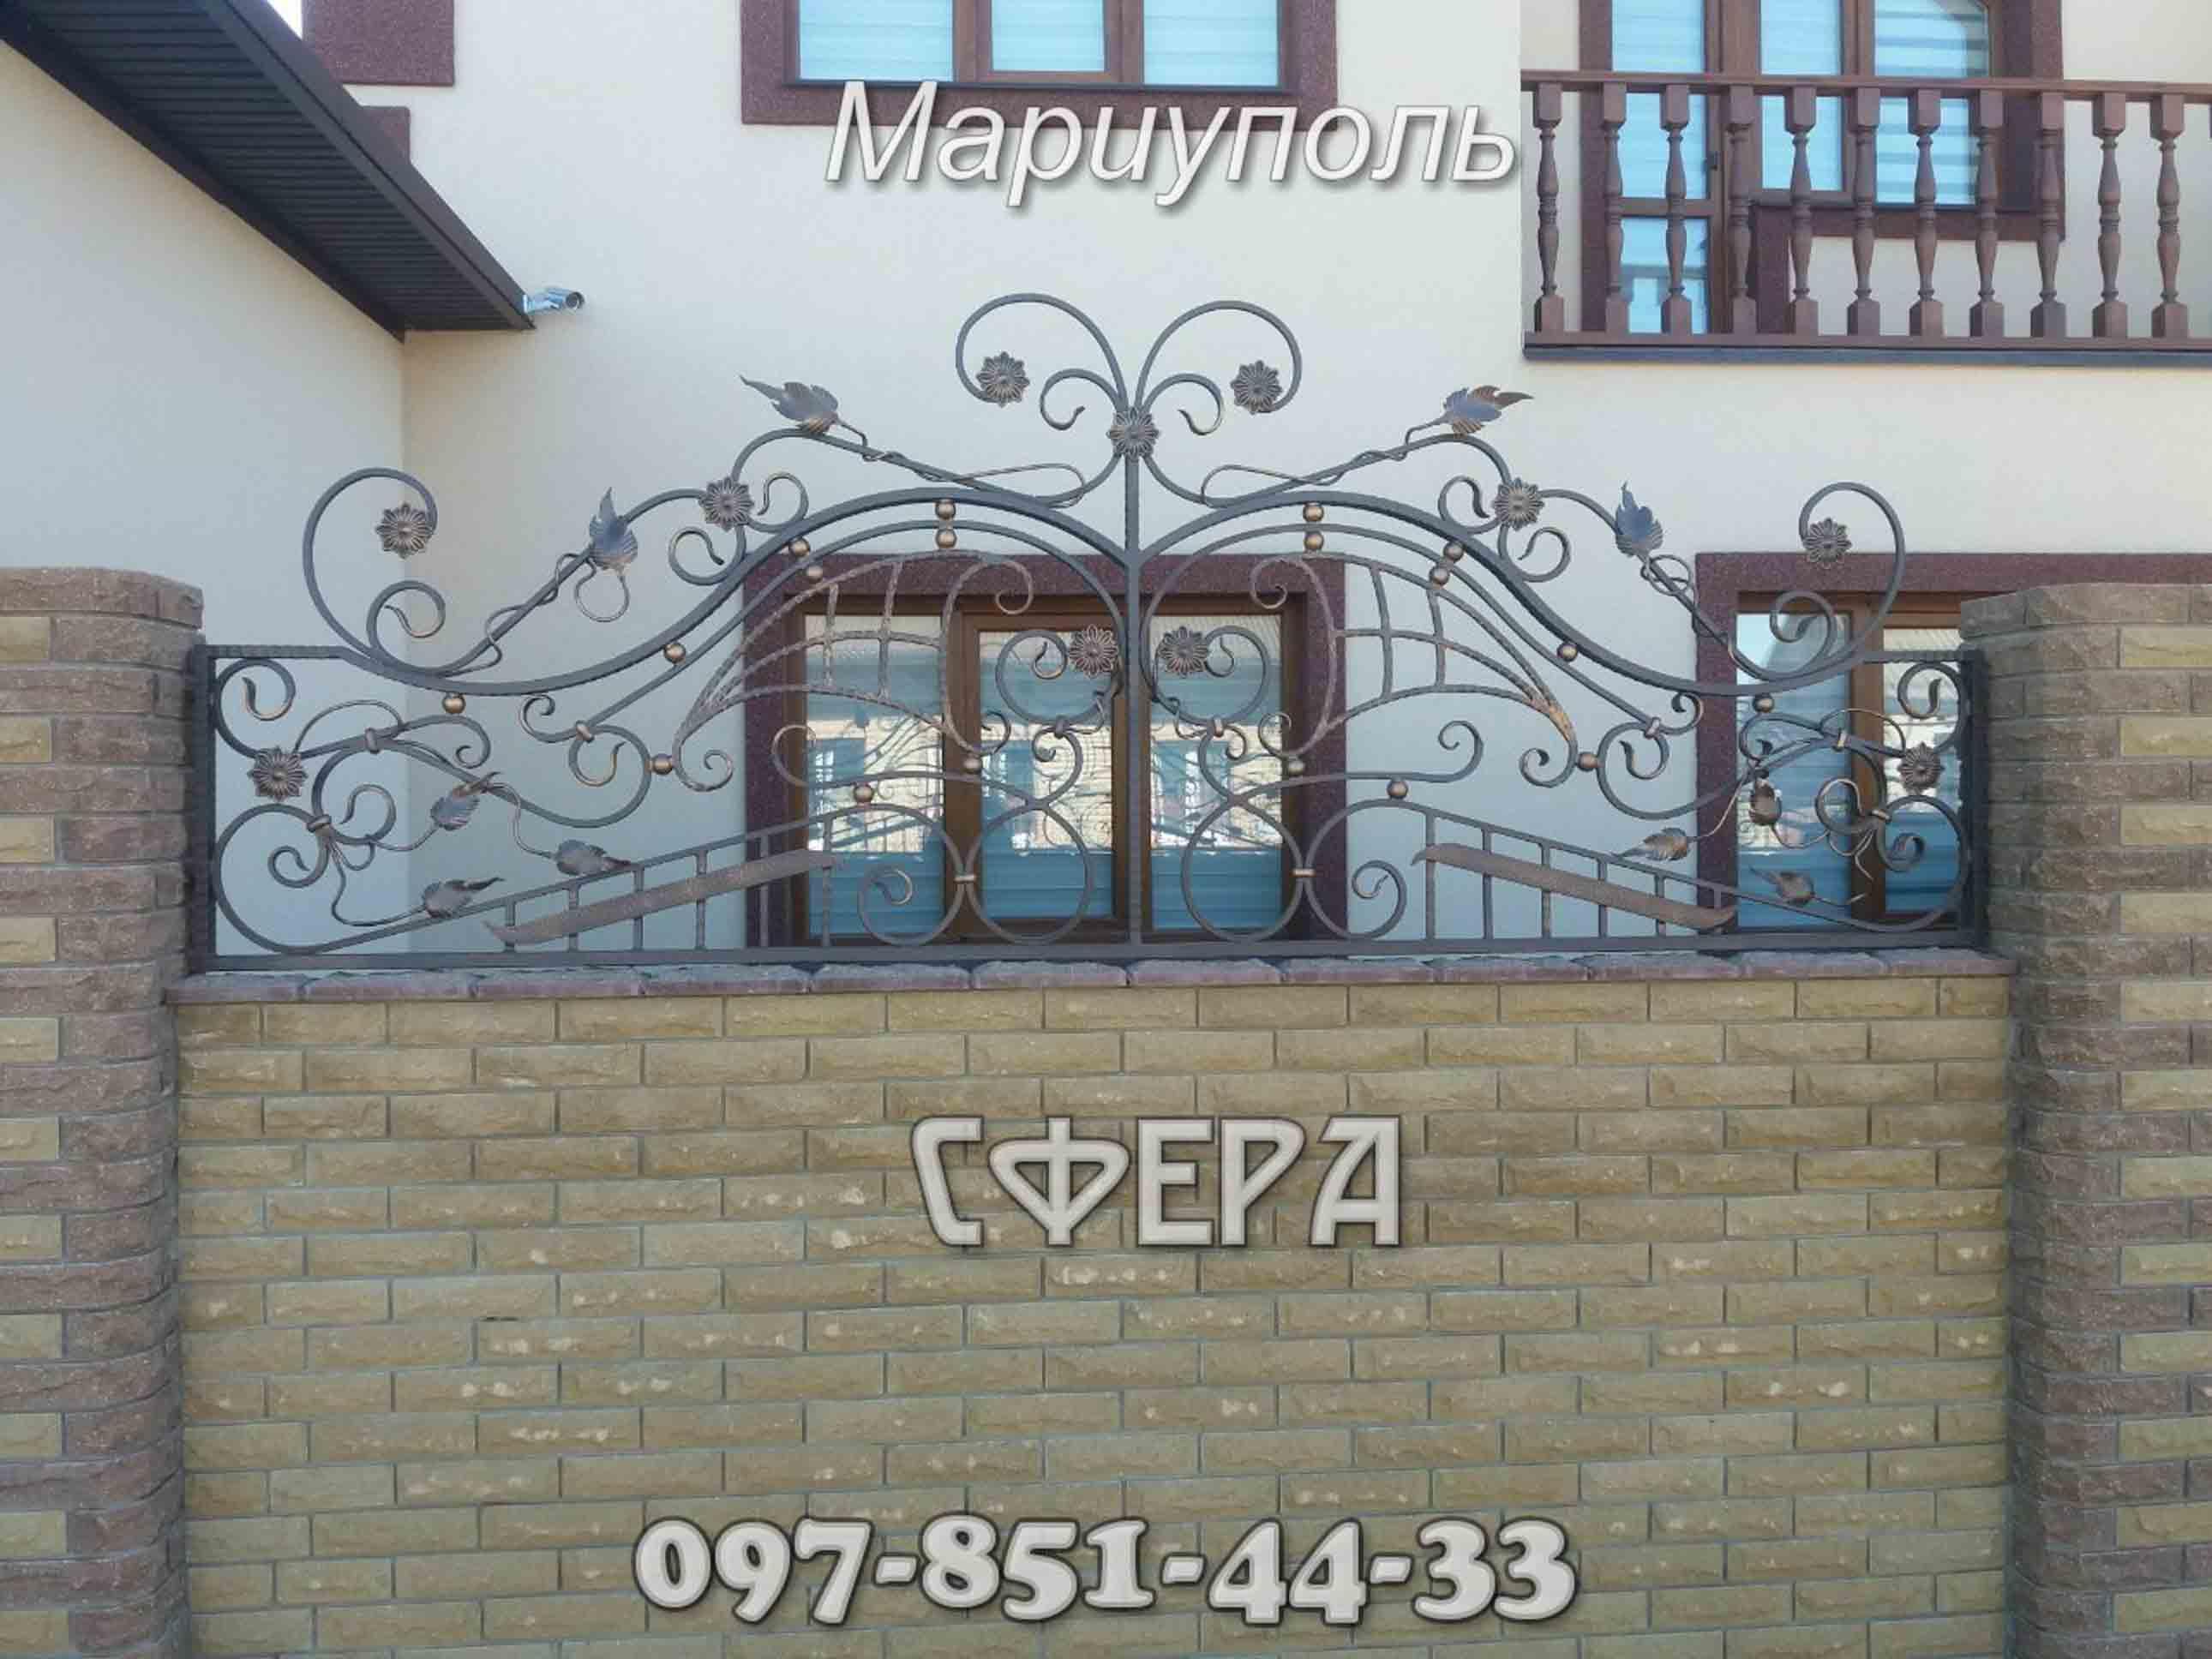 Заборы металлические, кованые, с профлиста, блок-хаус, решетчатые. фото 6